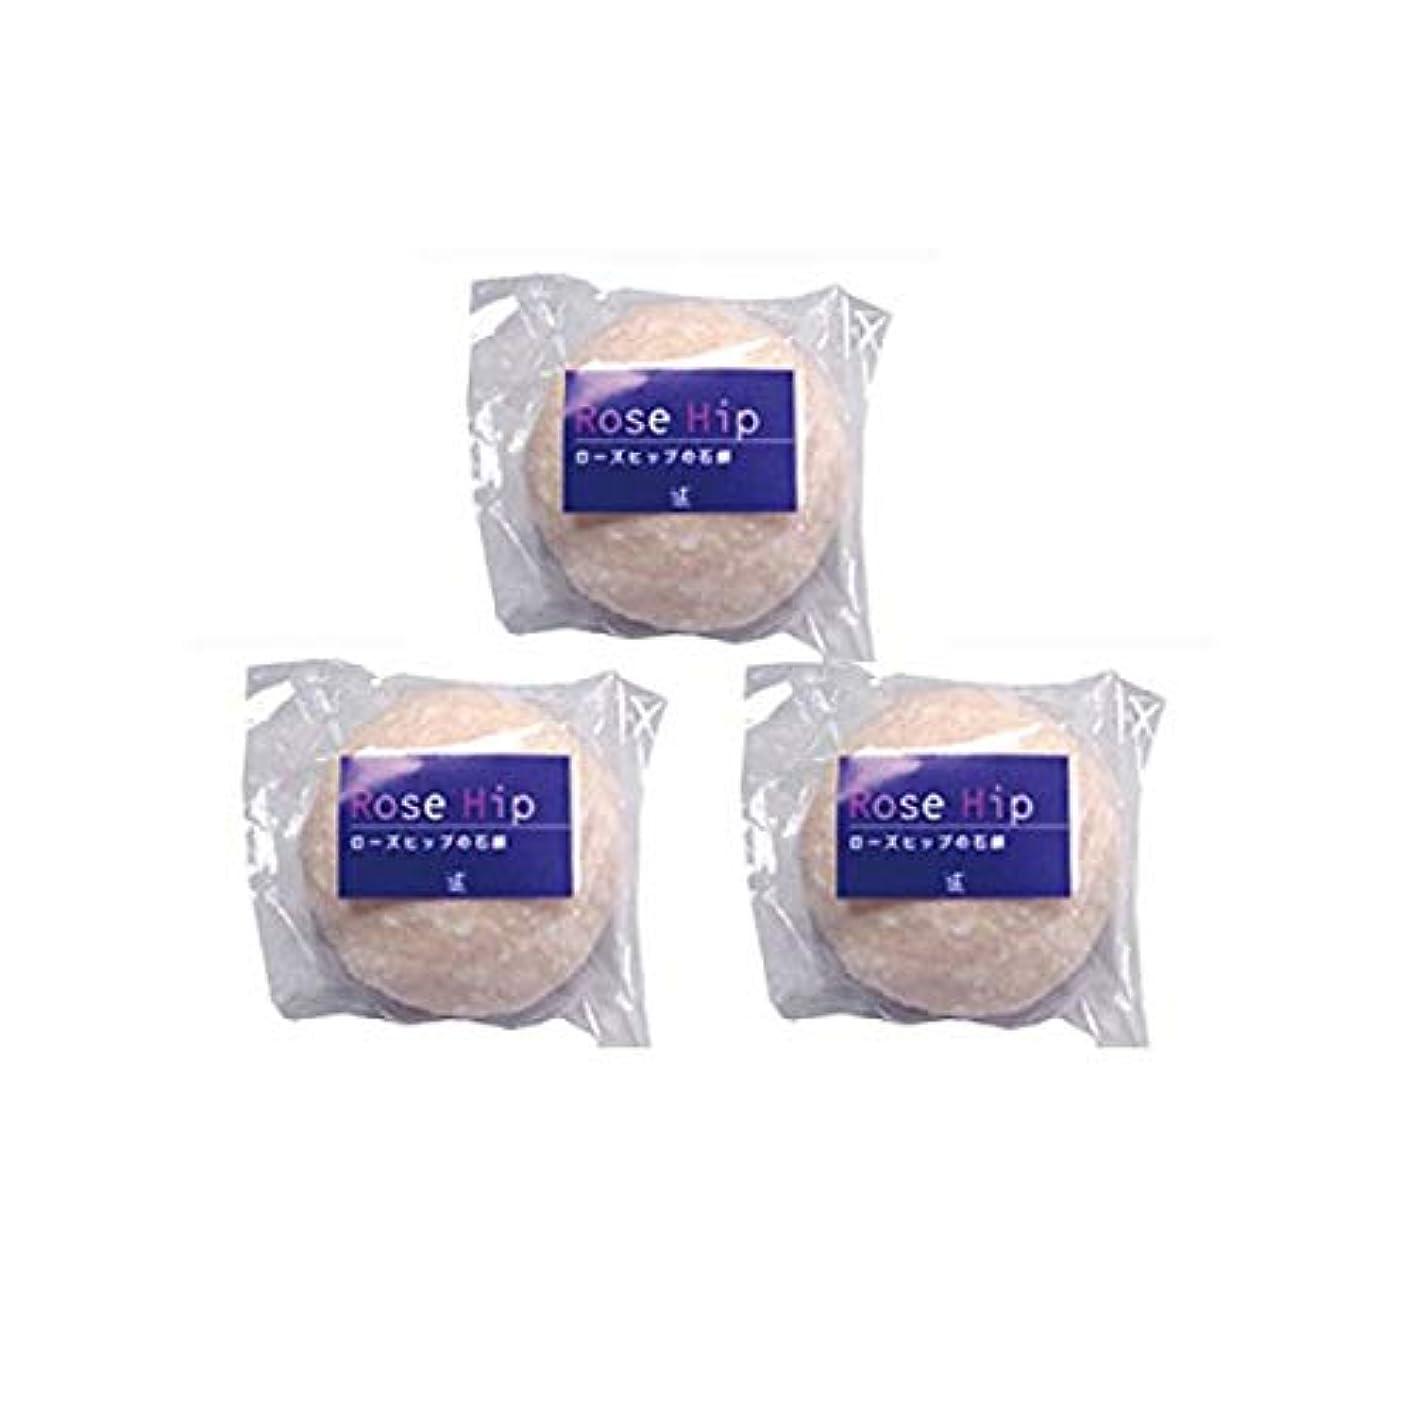 咳農村かもしれない山澤清ローズヒップ石鹸3個セット(70g×3個)スパール山澤清のローズヒップ無添加洗顔石鹸